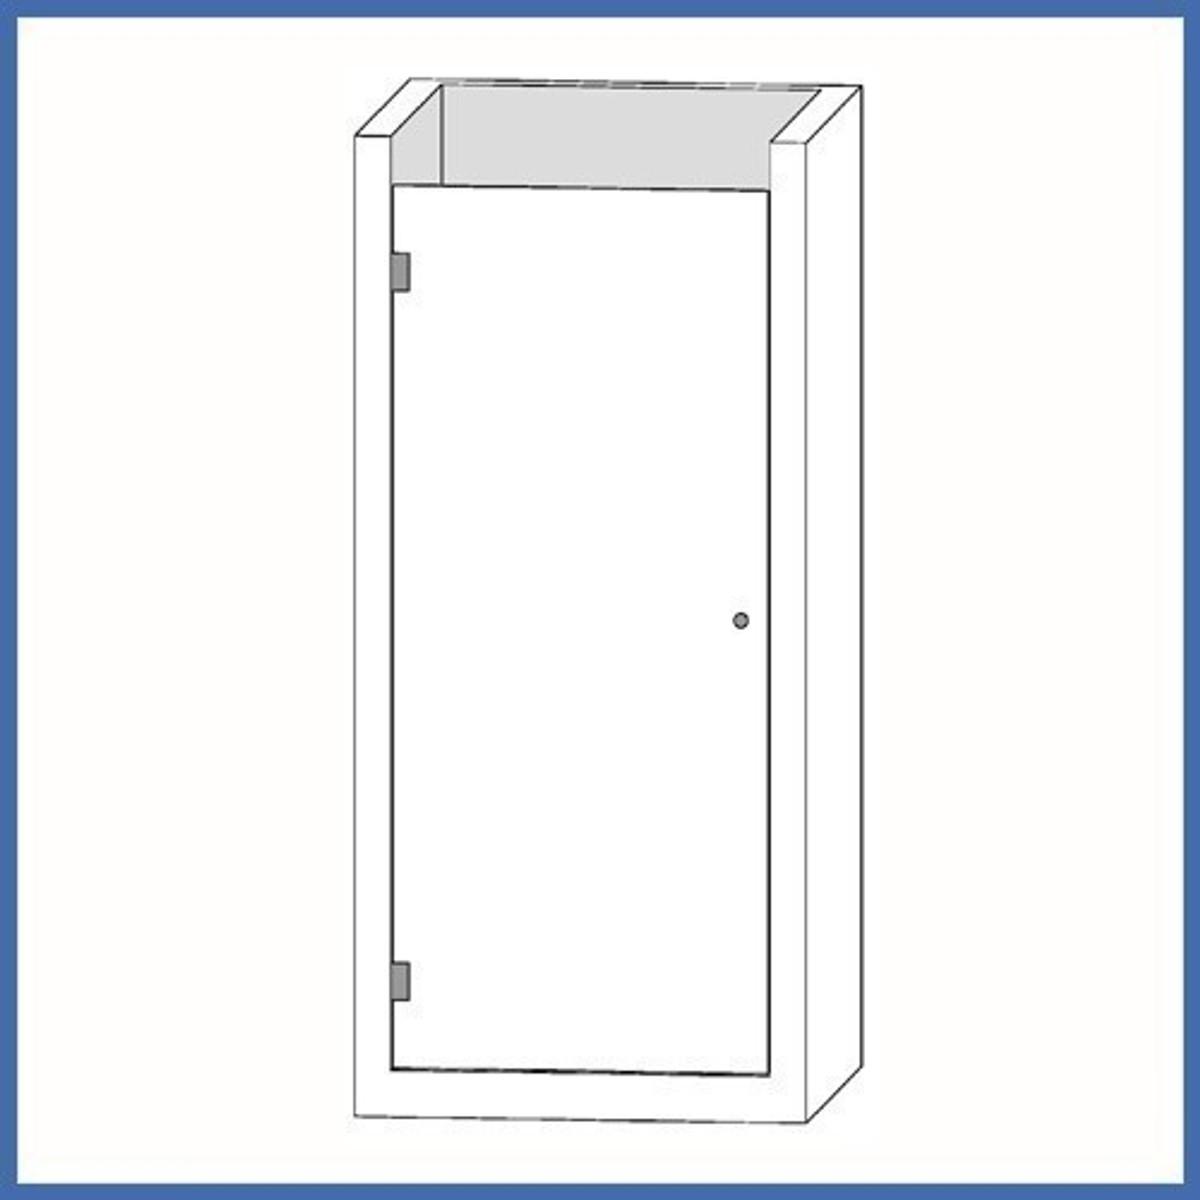 """Nischen-Dusche """"Door"""" 2000 x 920-925mm, Slim Line, Chrom"""